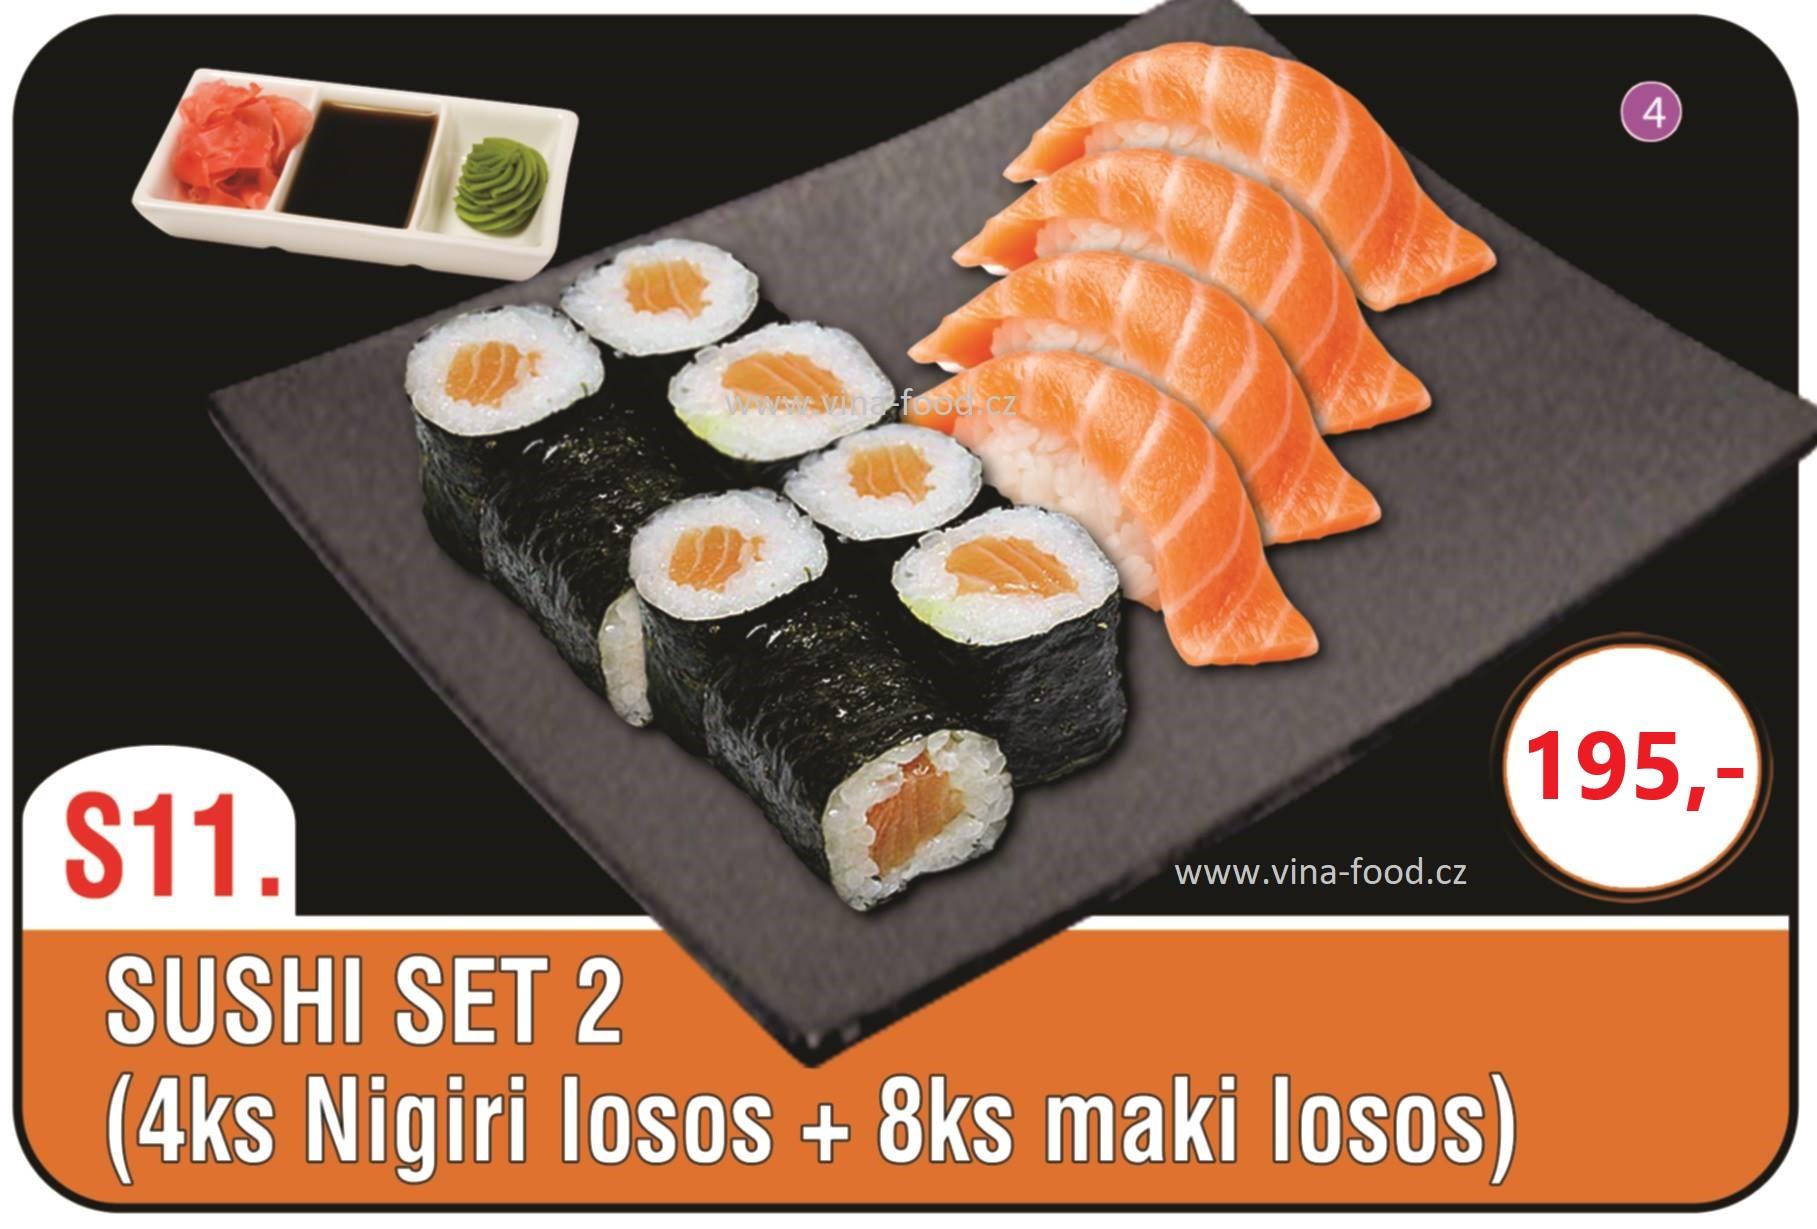 Sushi set 2 (4ks nigiri losos + 8ks maki losos)